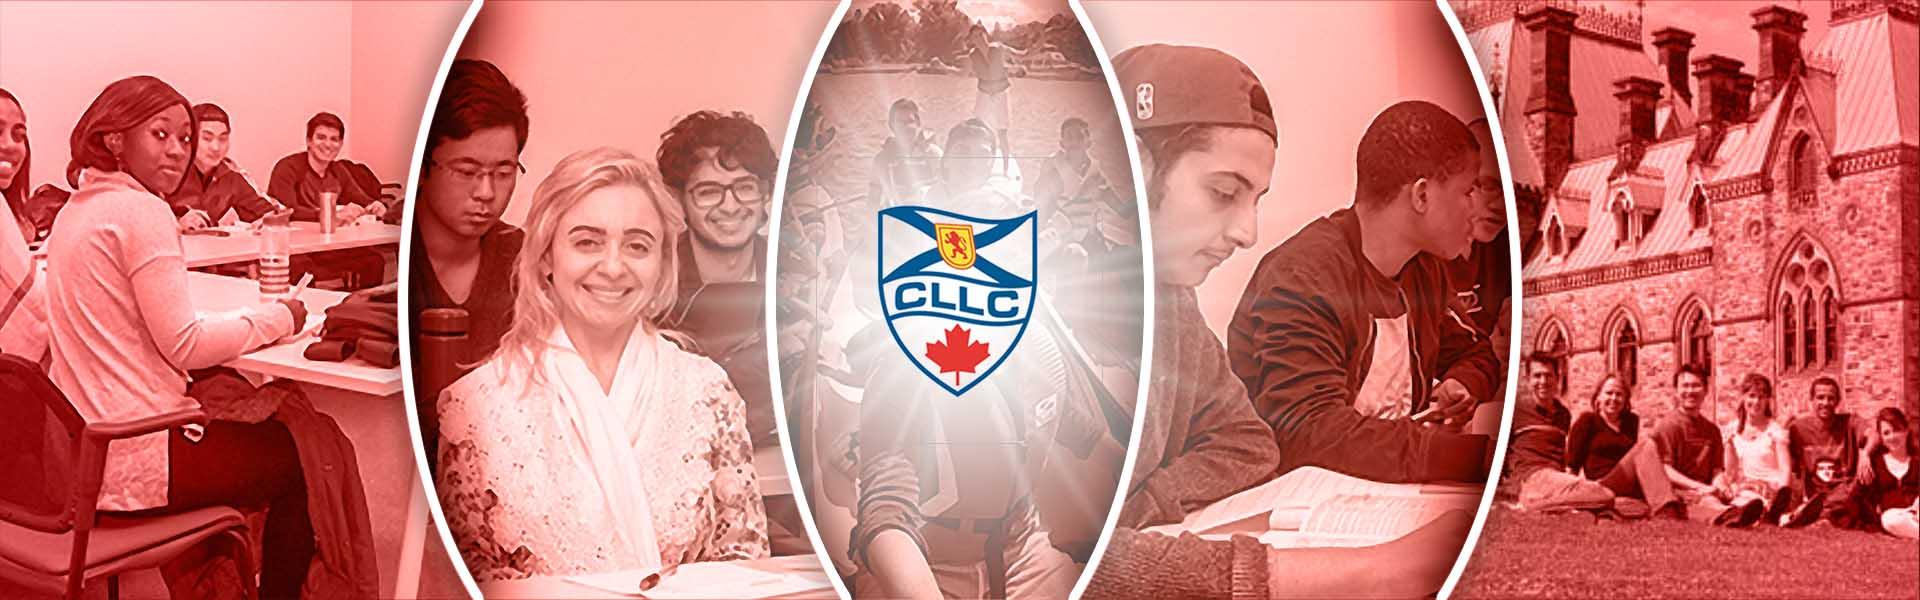 CLLC Ottawa Dil Okulu